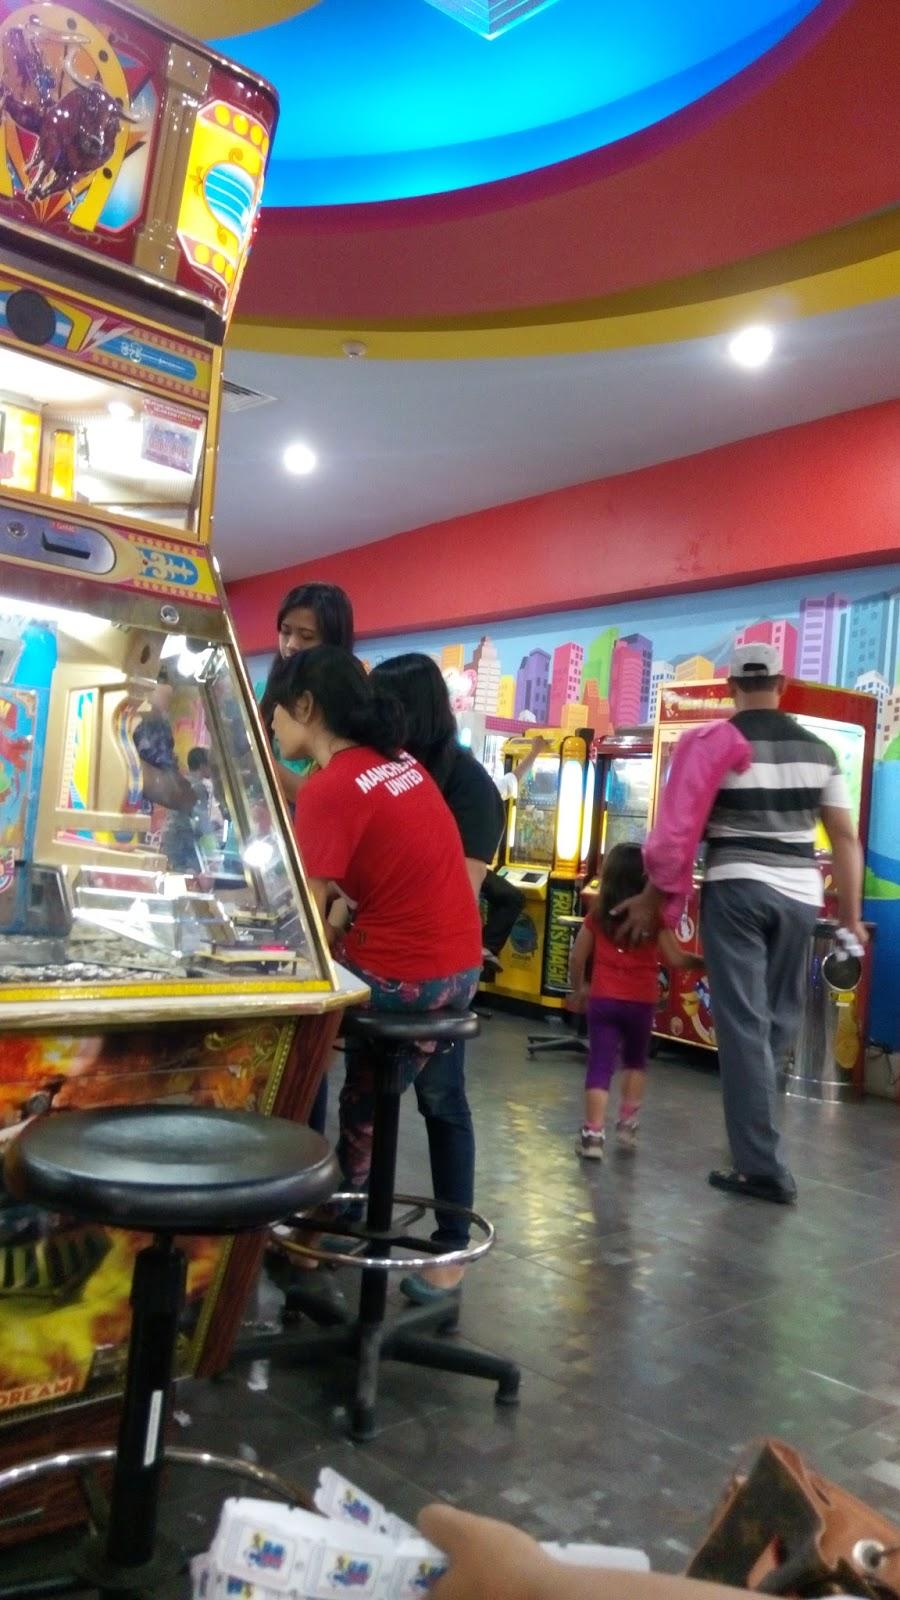 tempat main keluarga di mall, kegiatan permainan di mall